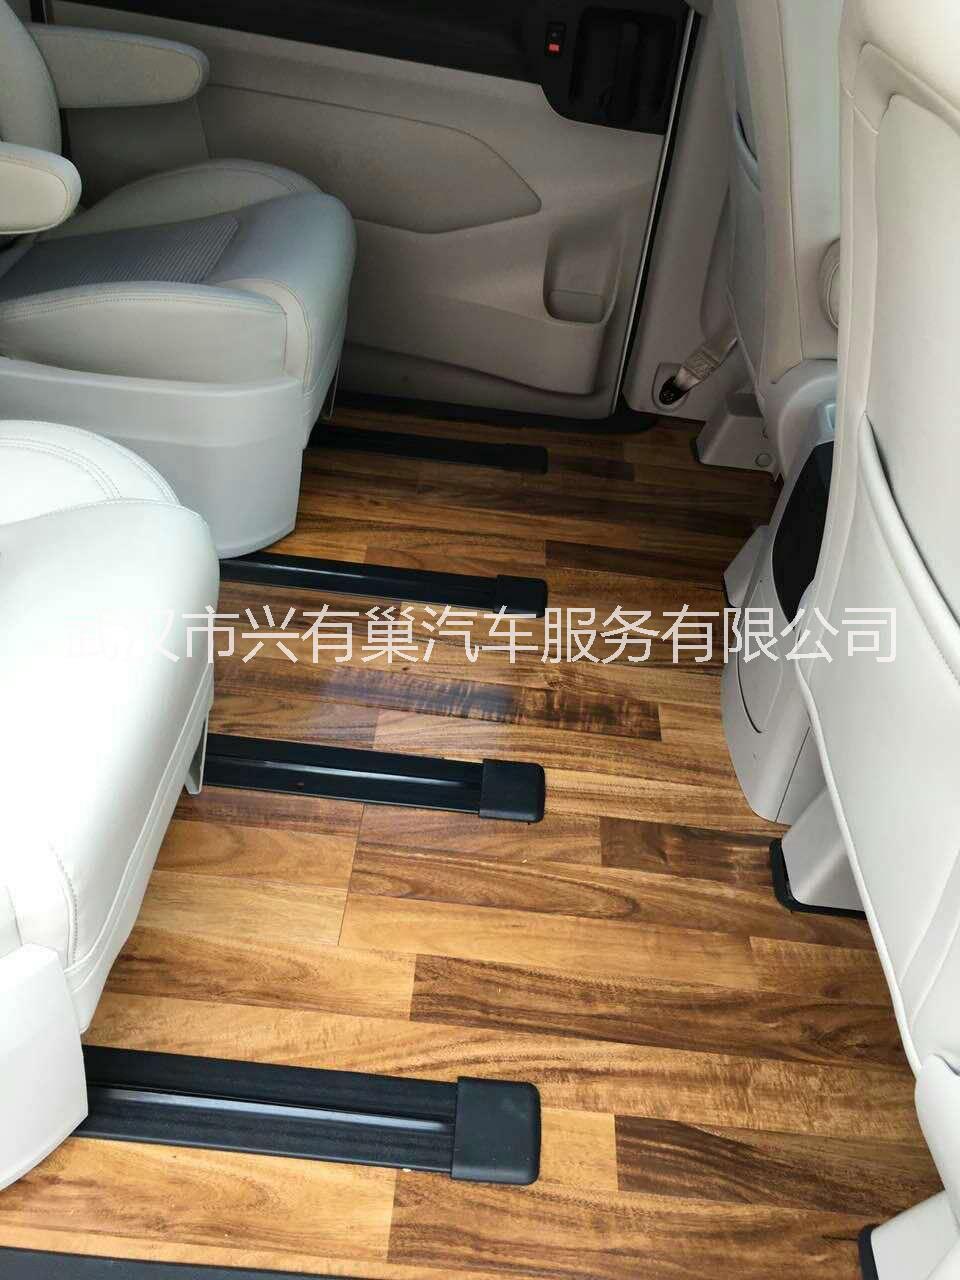 供应房车改装专用游艇木地板/天津丰田考斯特房车木地板